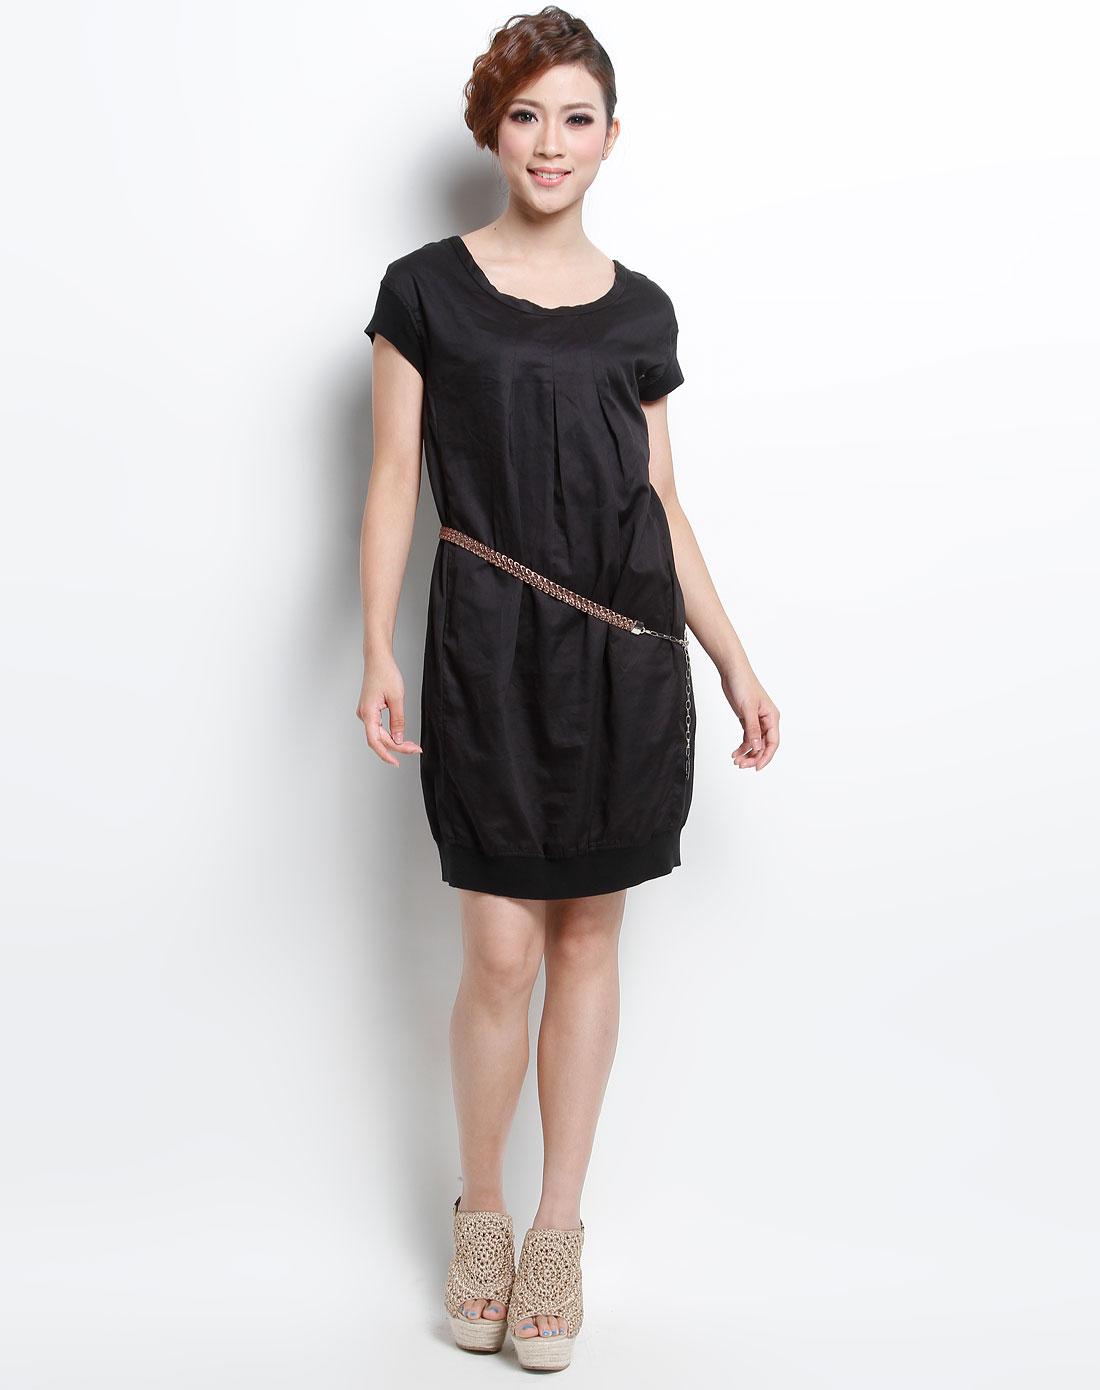 黑色时尚圆领短袖连衣裙图片